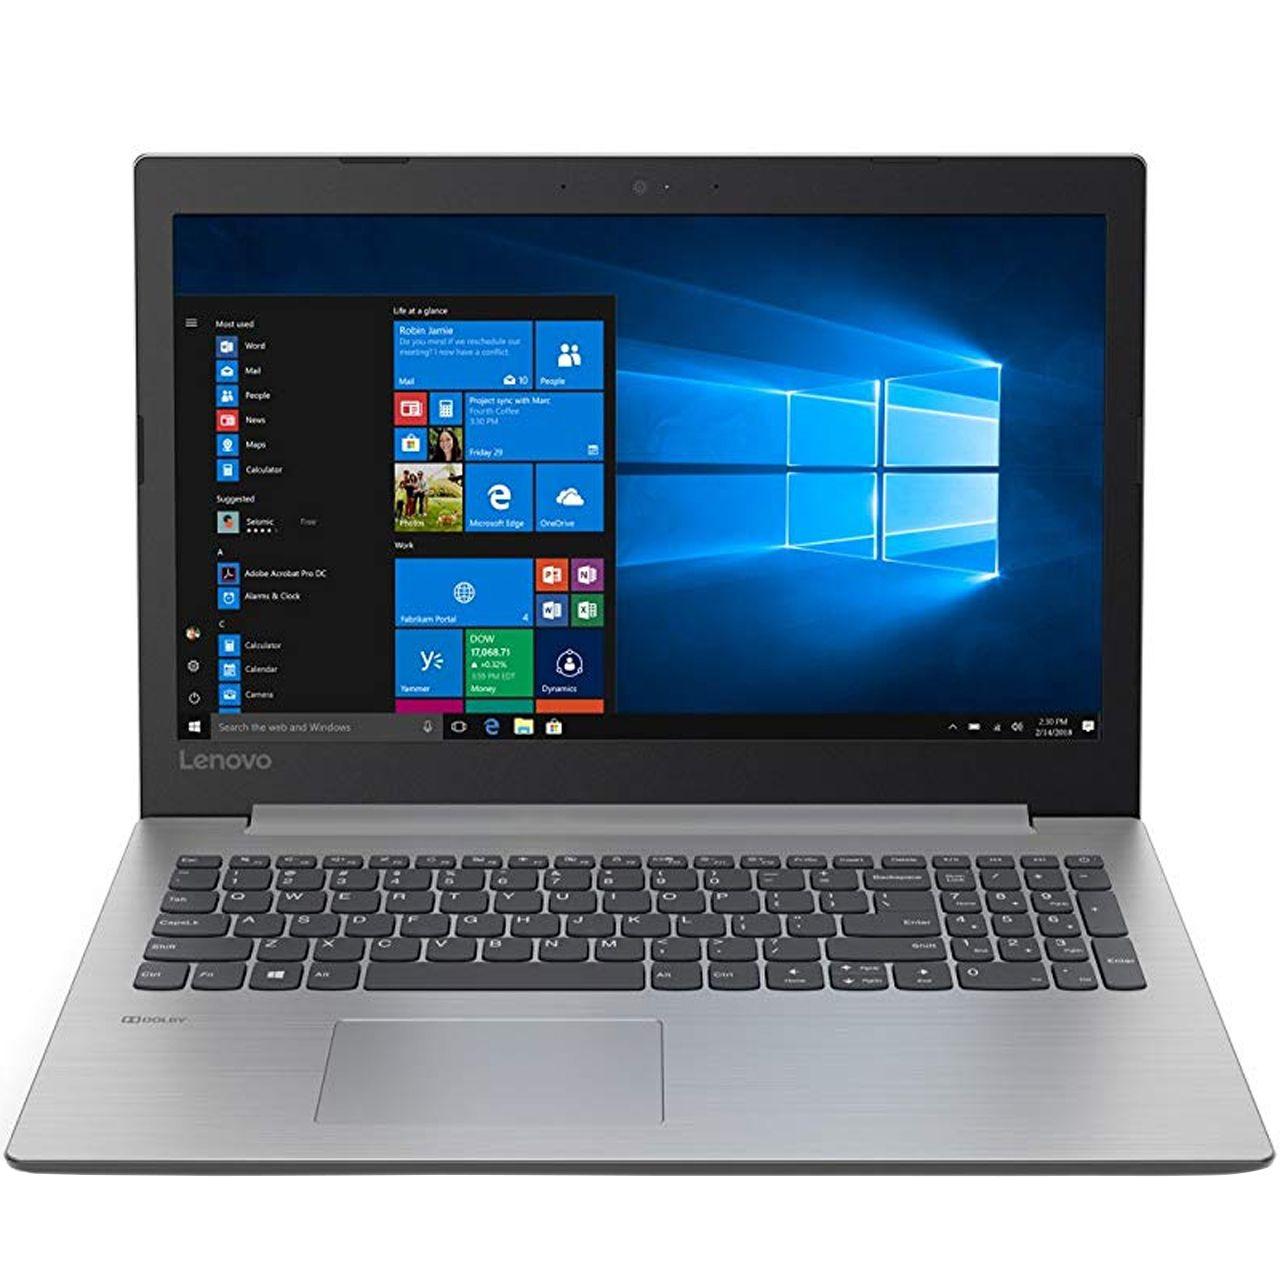 لپ تاپ ۱۵ اینچی لنوو مدل Ideapad 330 – E